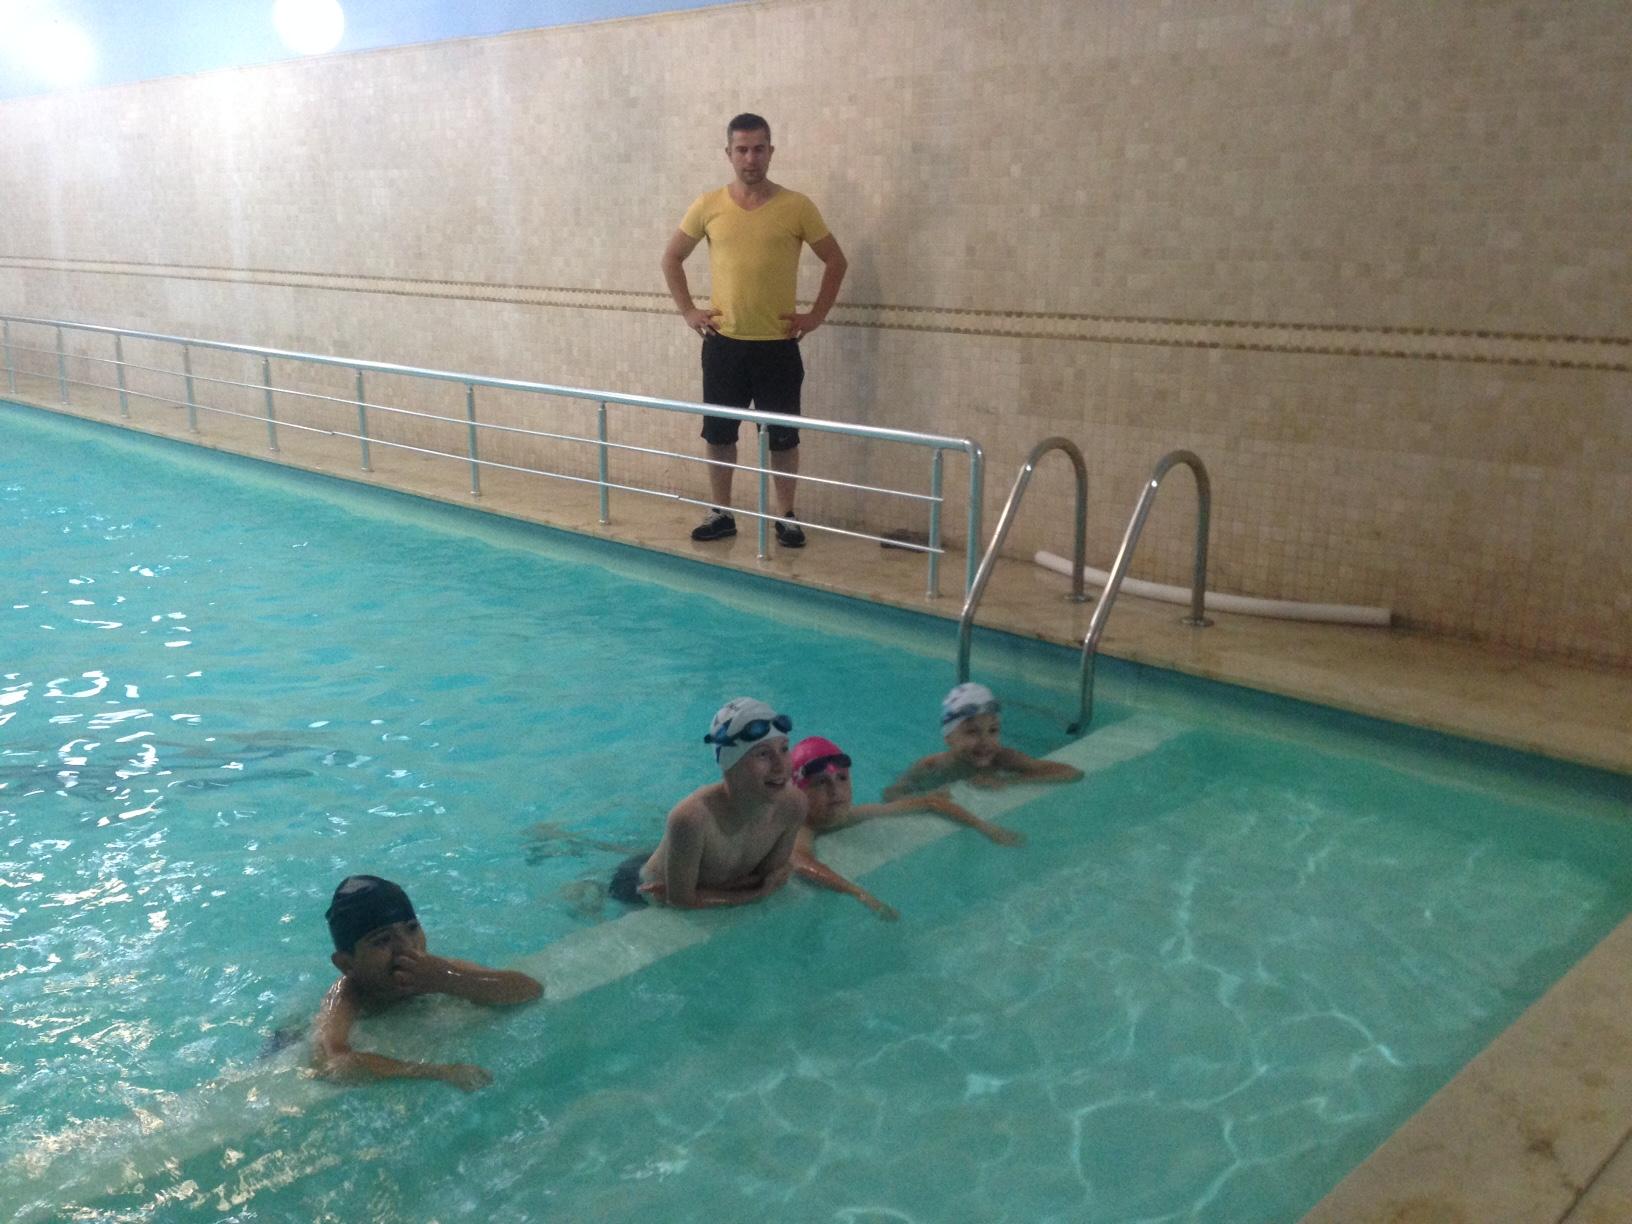 Özel Serdivan Kale Okulları Summer School